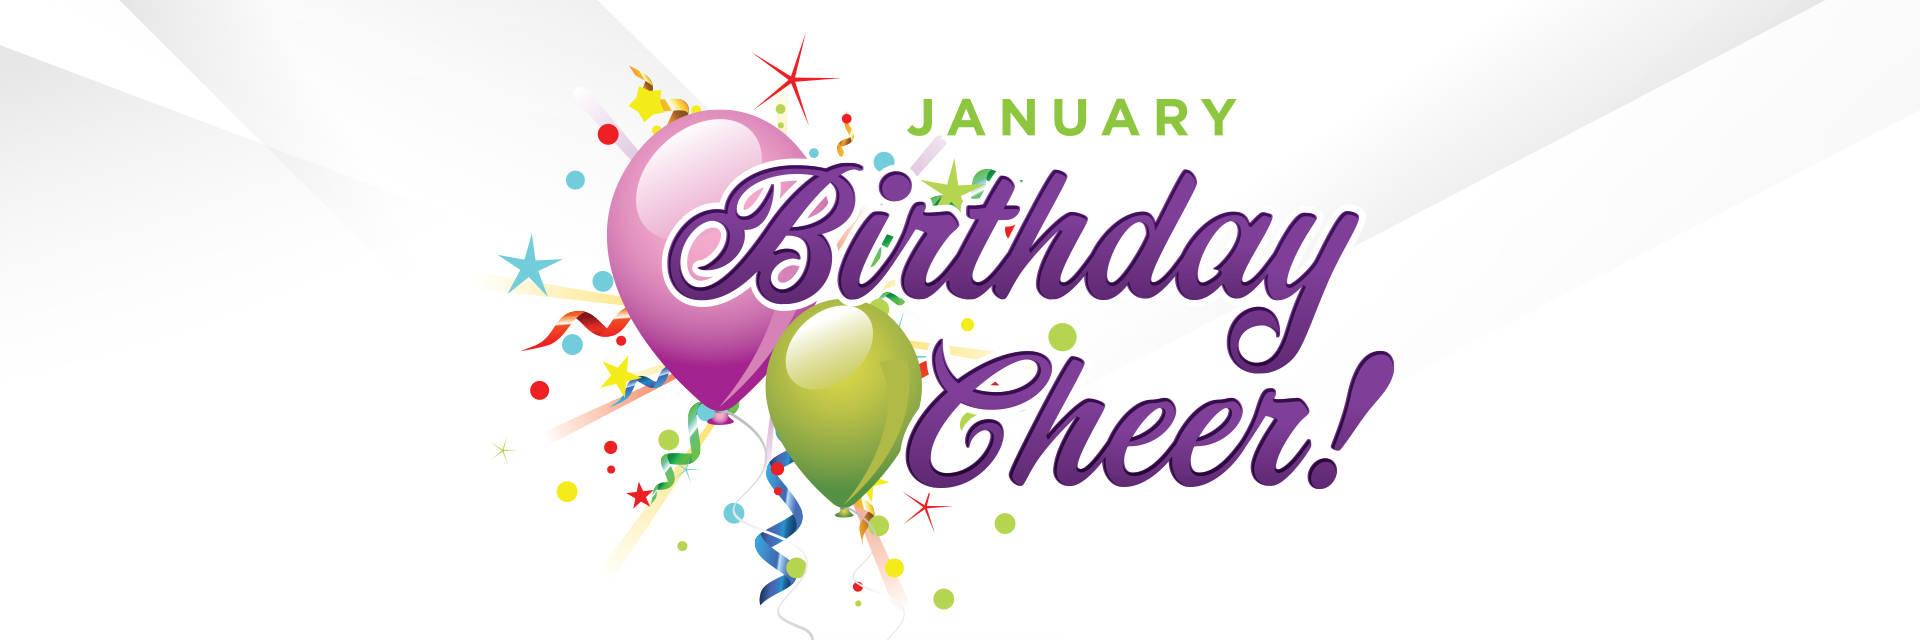 January Birthday Cheer